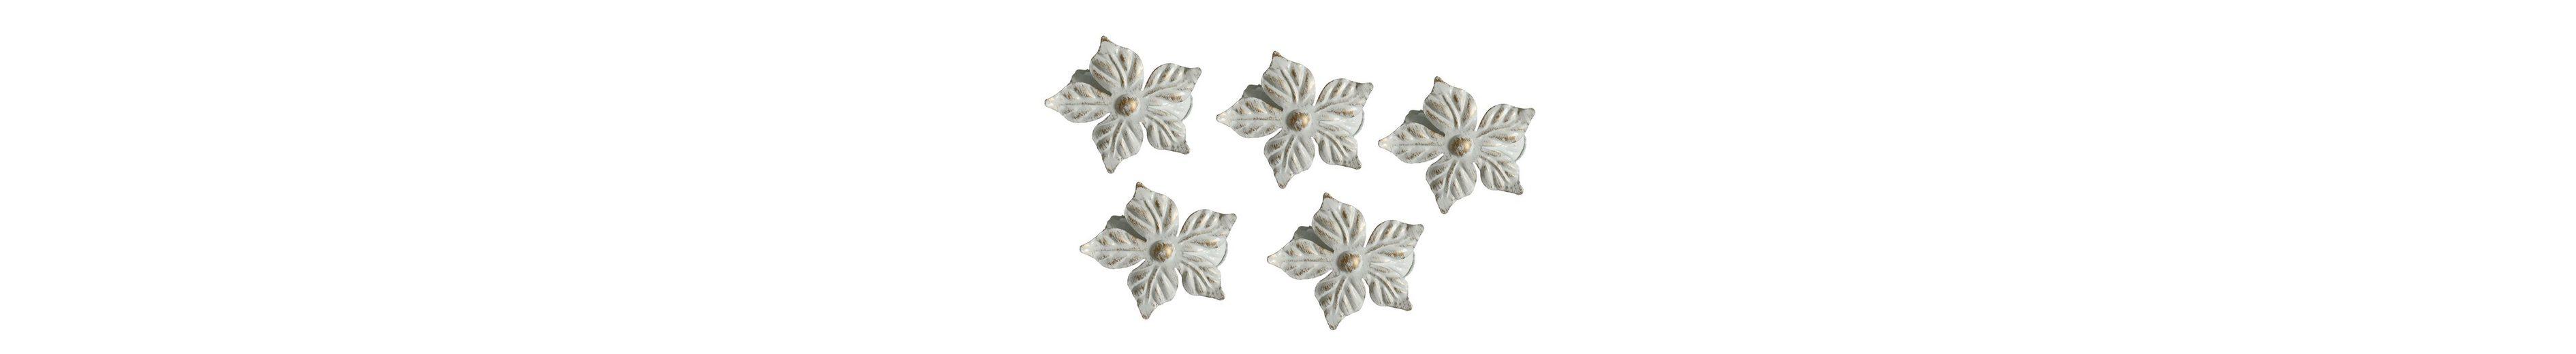 Dekoklammern, Garesa, »Dekoklammern Blume«, zur Dekoration von Gardinen